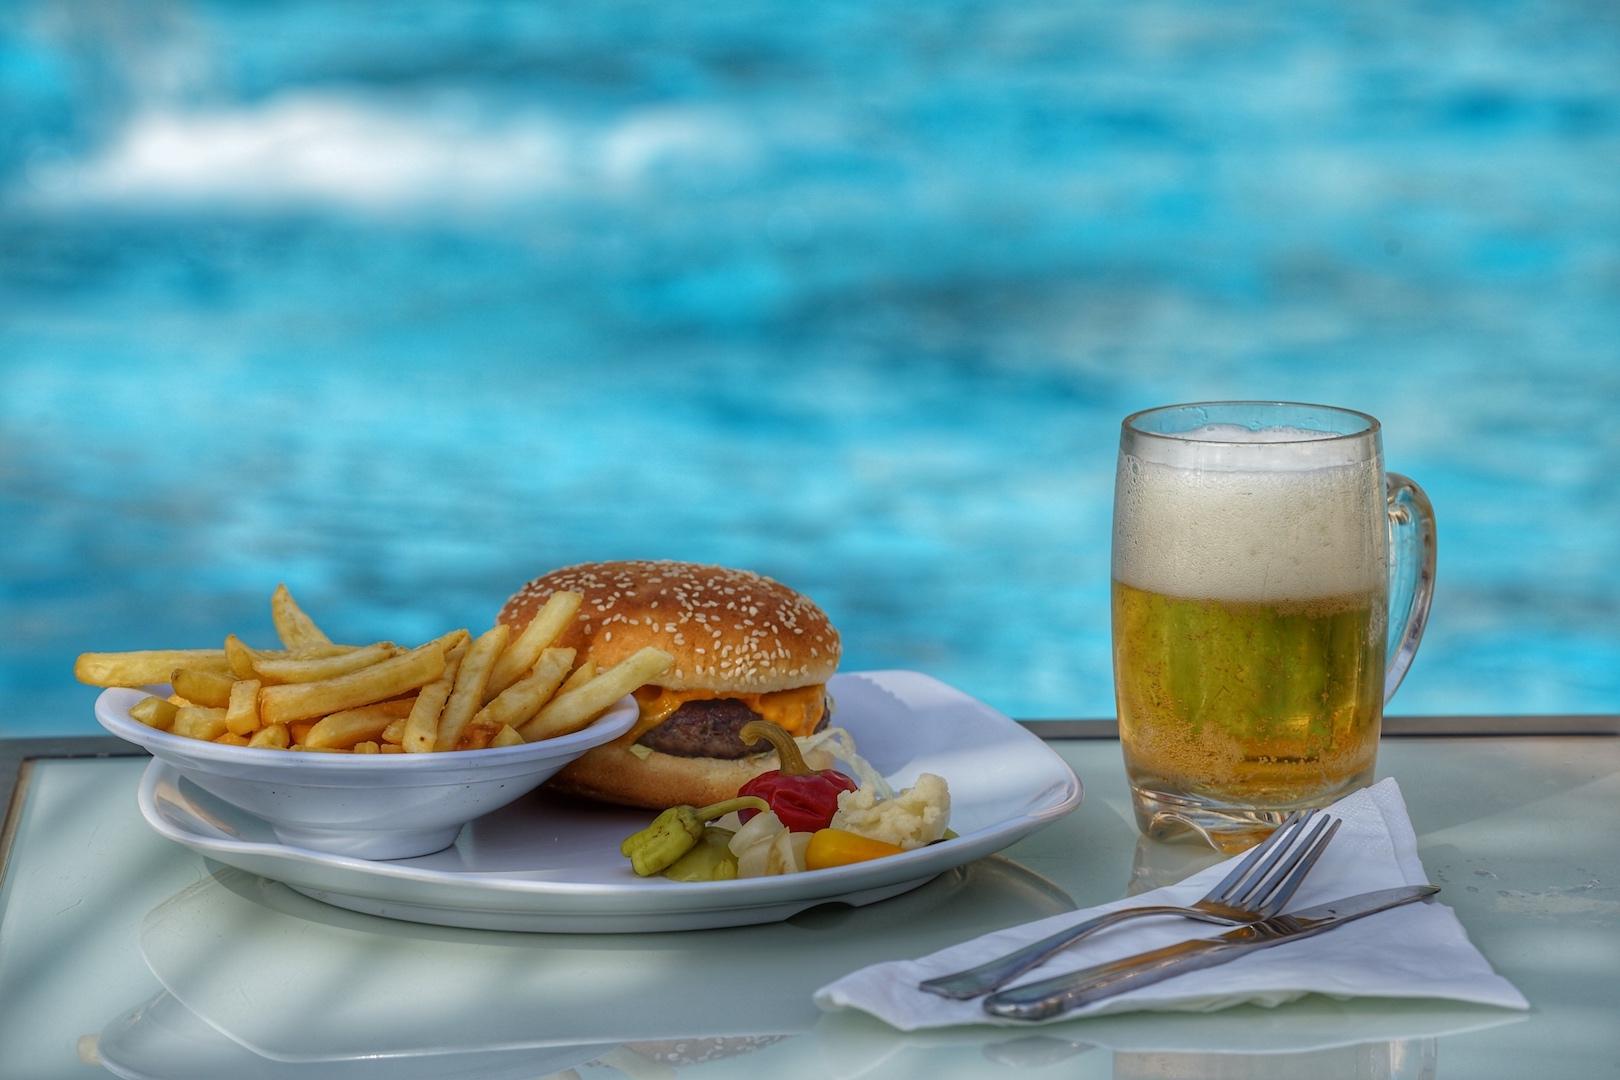 Die Auswahl an Speisen umfasst unter anderem Burger mit lokalem Bier ... / © Redaktion FrontRowSociety.net